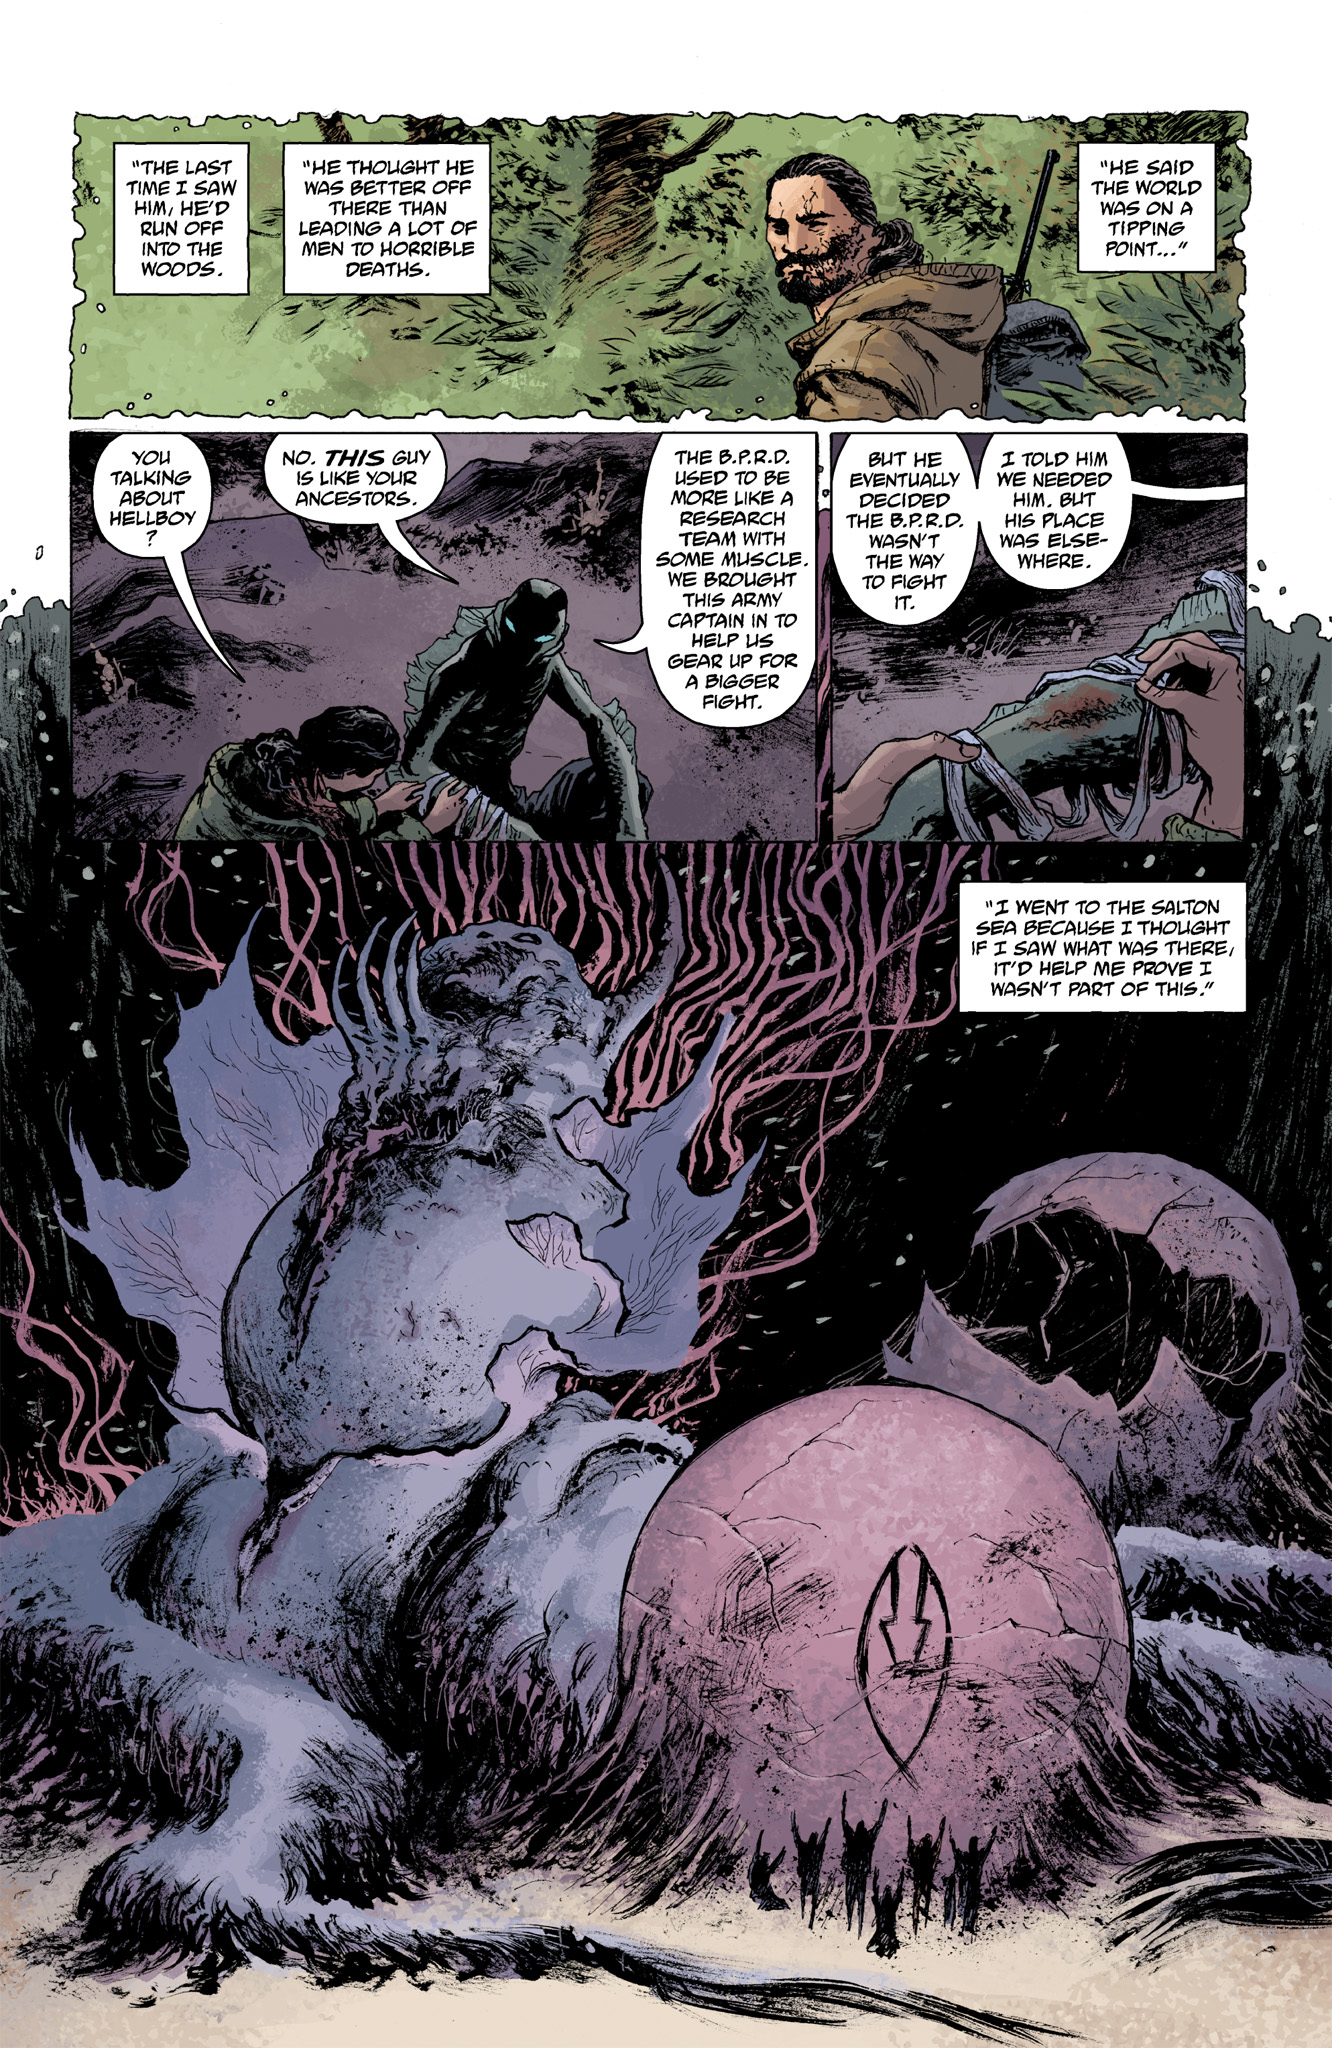 Read online Abe Sapien comic -  Issue #6 - 15